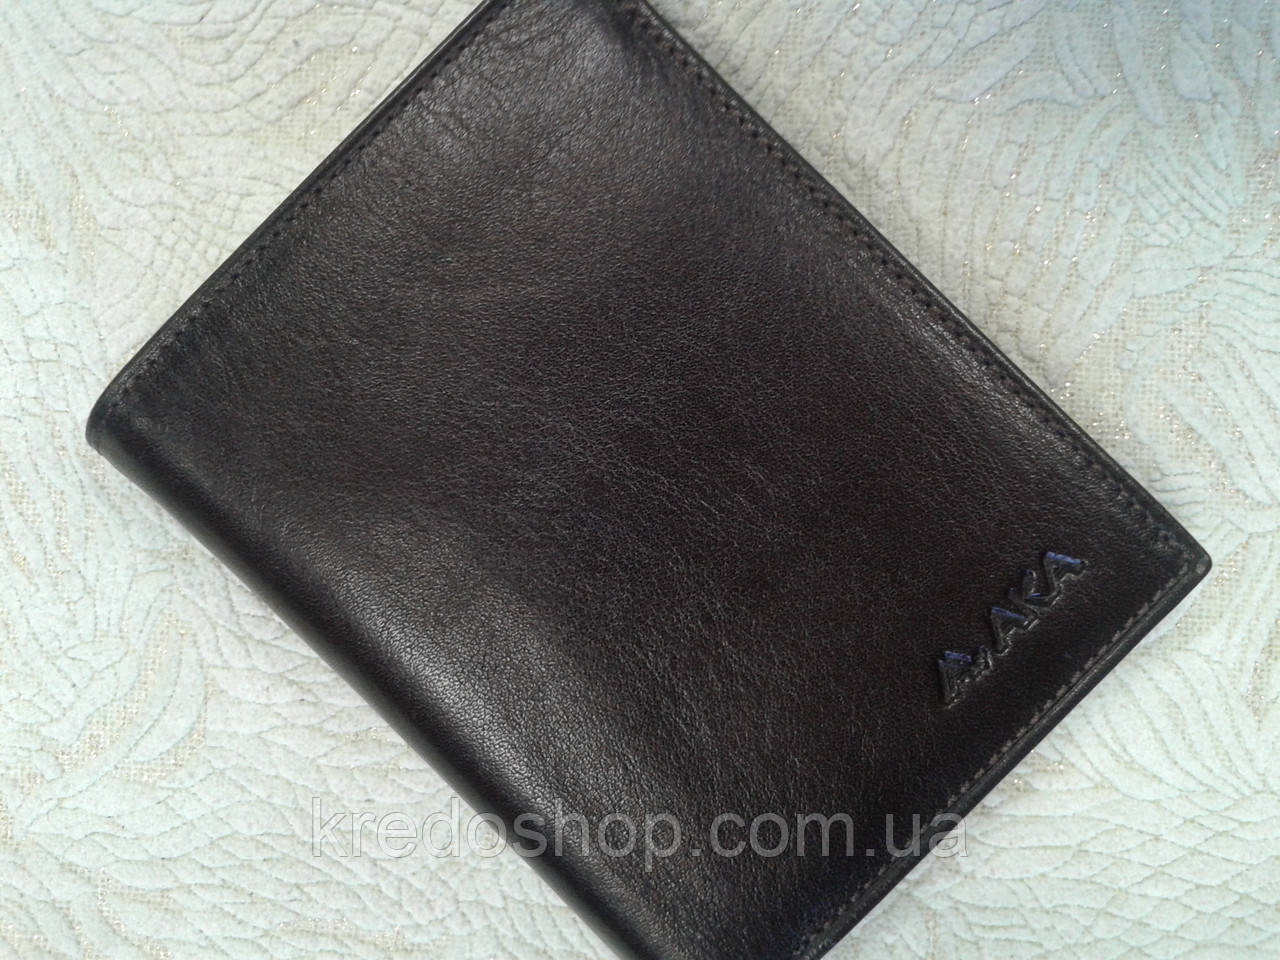 a8e5ea2b5b97 Портмоне мужское кожаное высокого качества.(Турция) - Интернет-магазин сумок  и аксессуаров